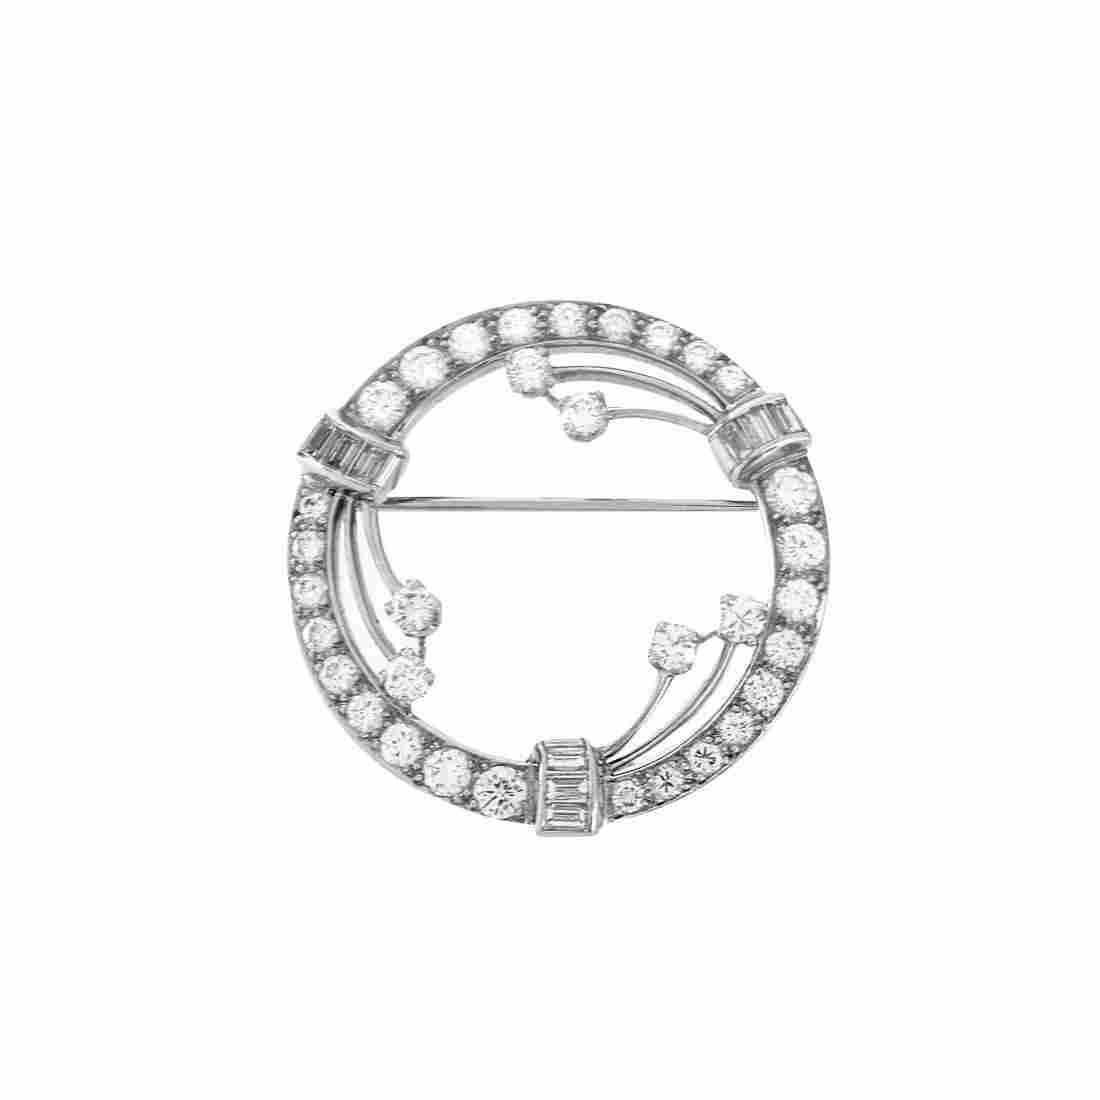 Diamond and Platinum Brooch